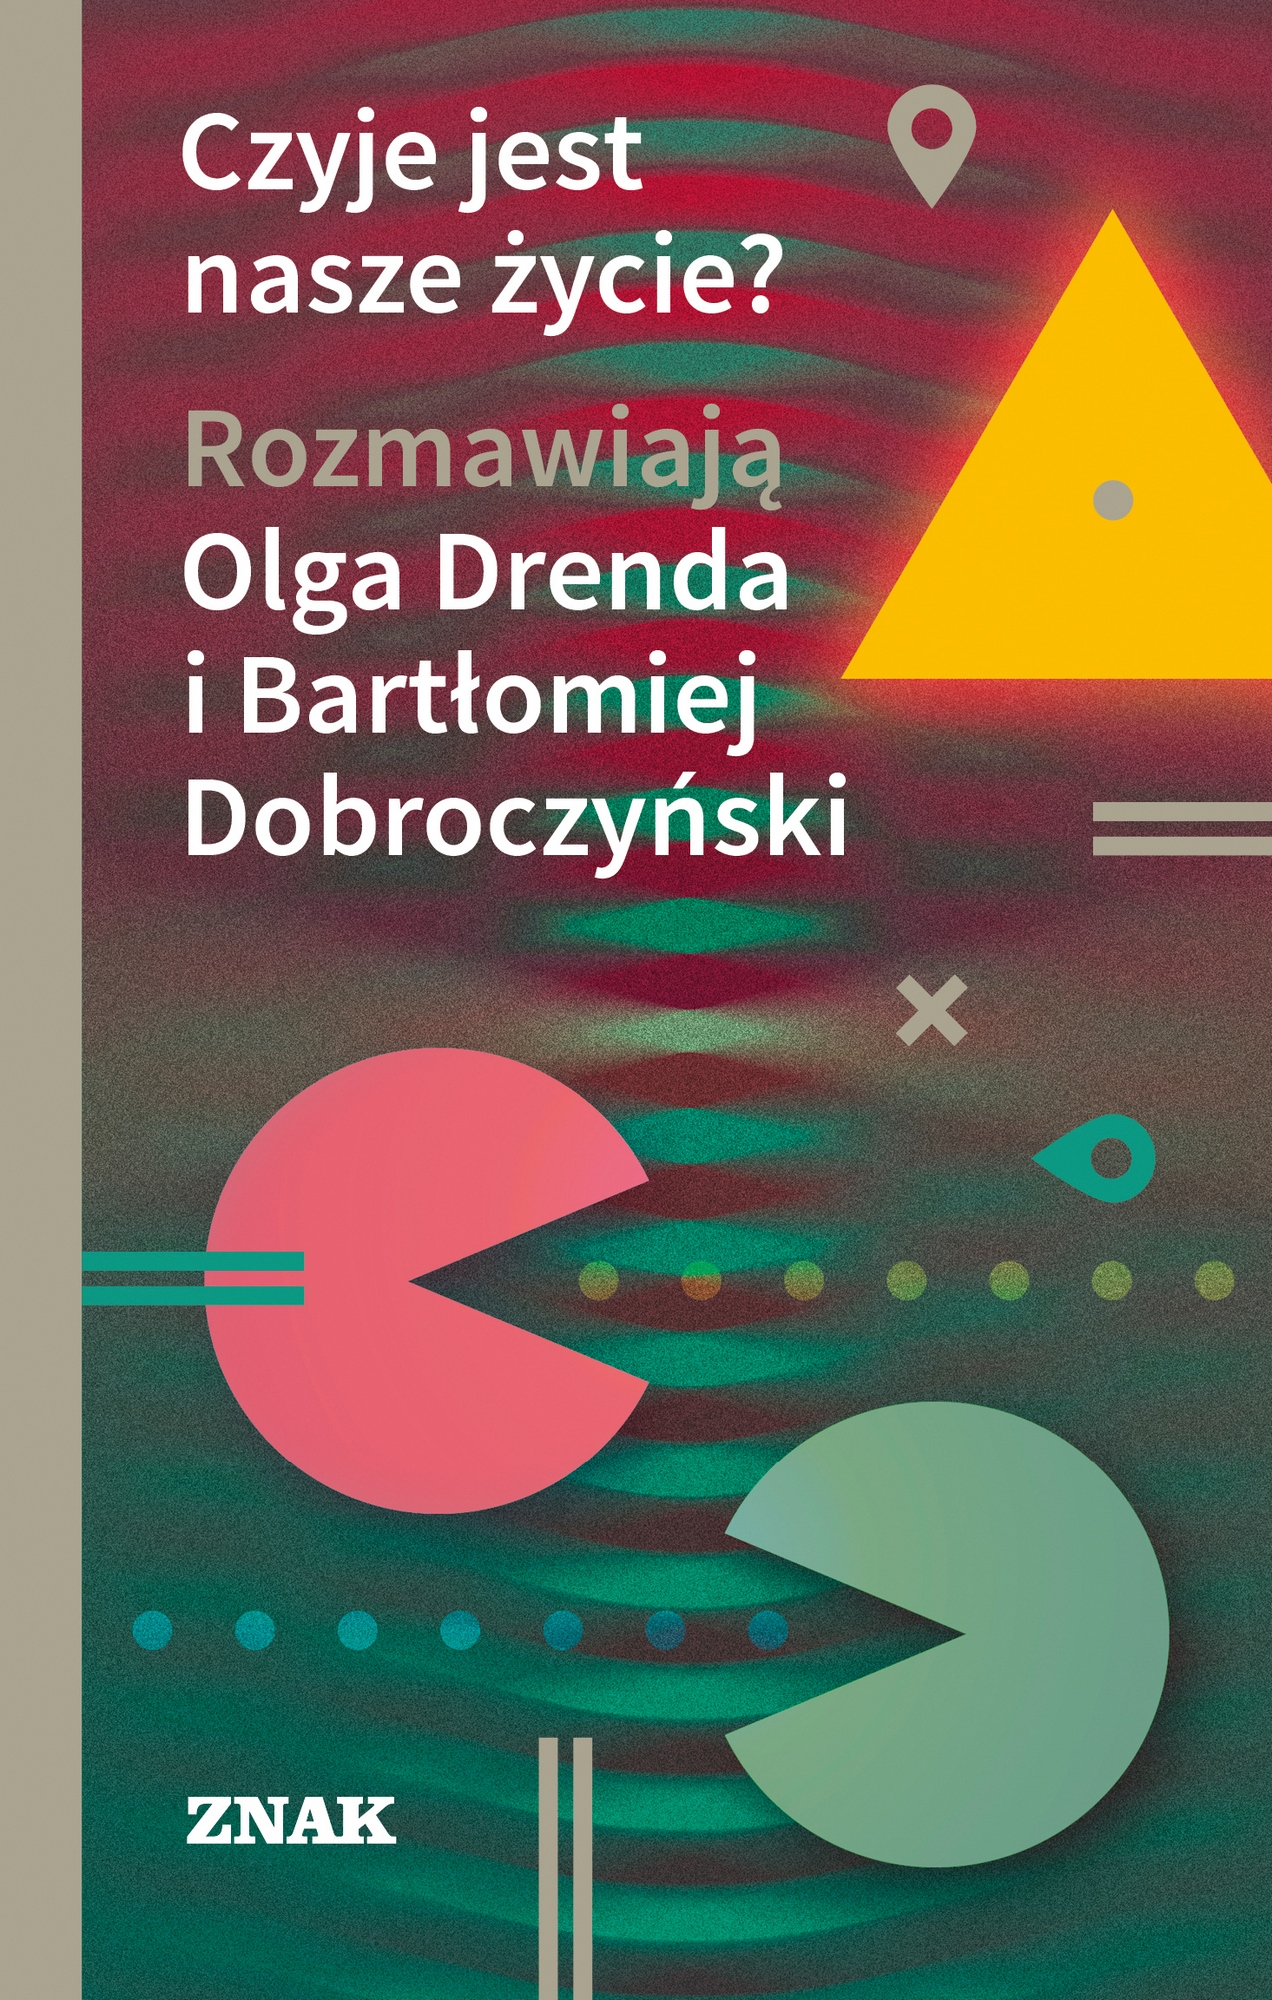 """""""Czyje jest nasze życie? Rozmawiają Olga Drenda i Bartłomiej Dobroczyński """" – okładka (źródło: materiały prasowe wydawcy)"""